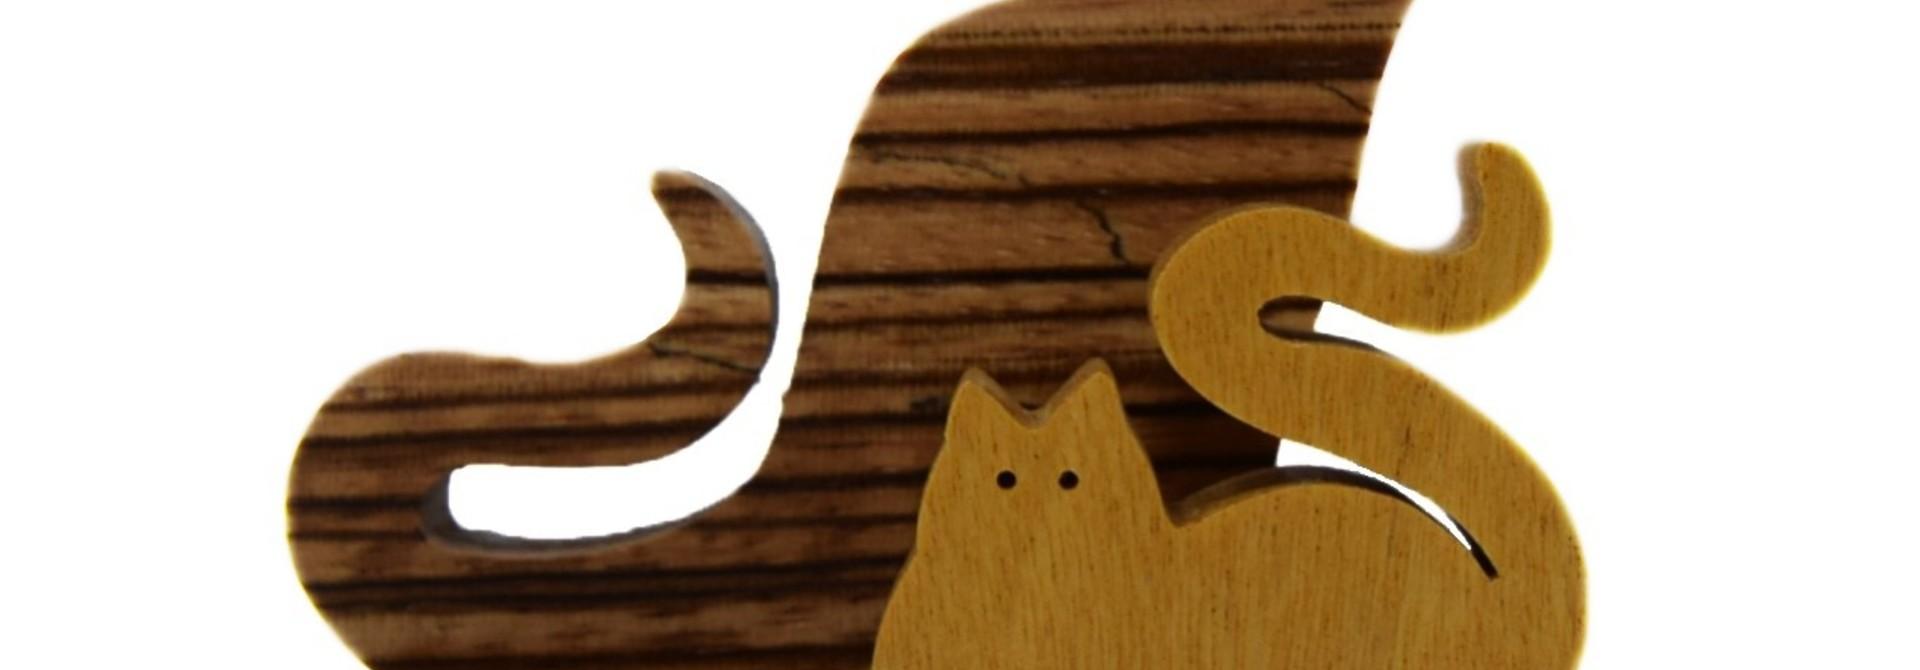 2 Figure Cats